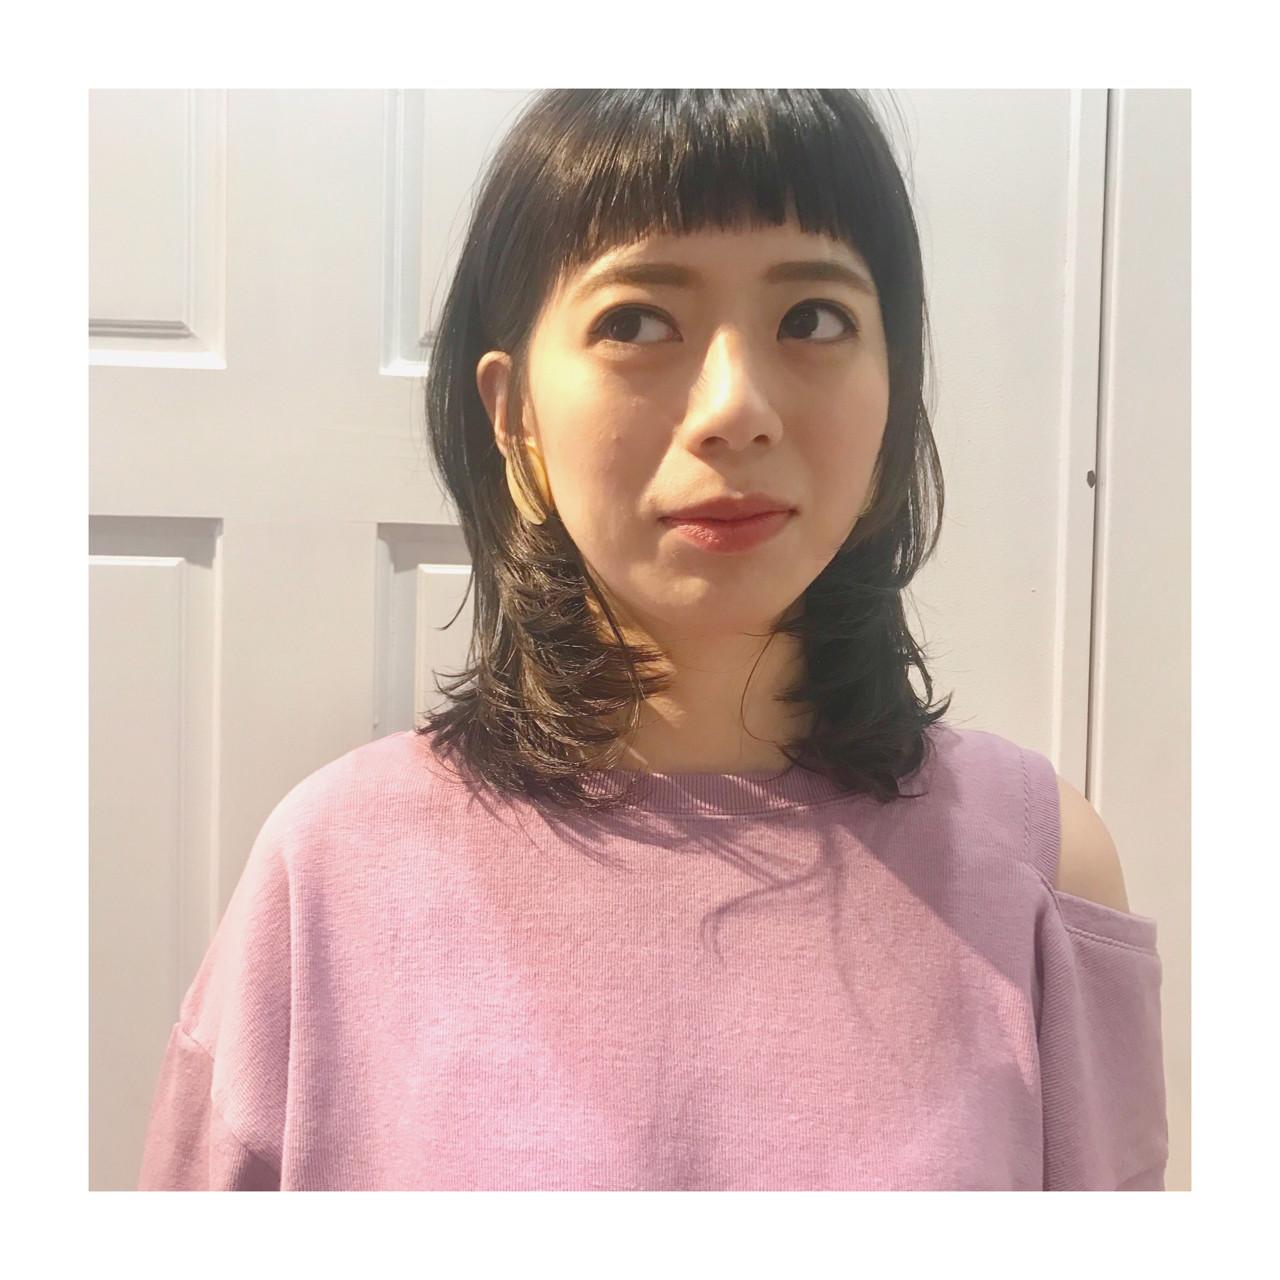 モード ミディアム 外ハネ マッシュ ヘアスタイルや髪型の写真・画像